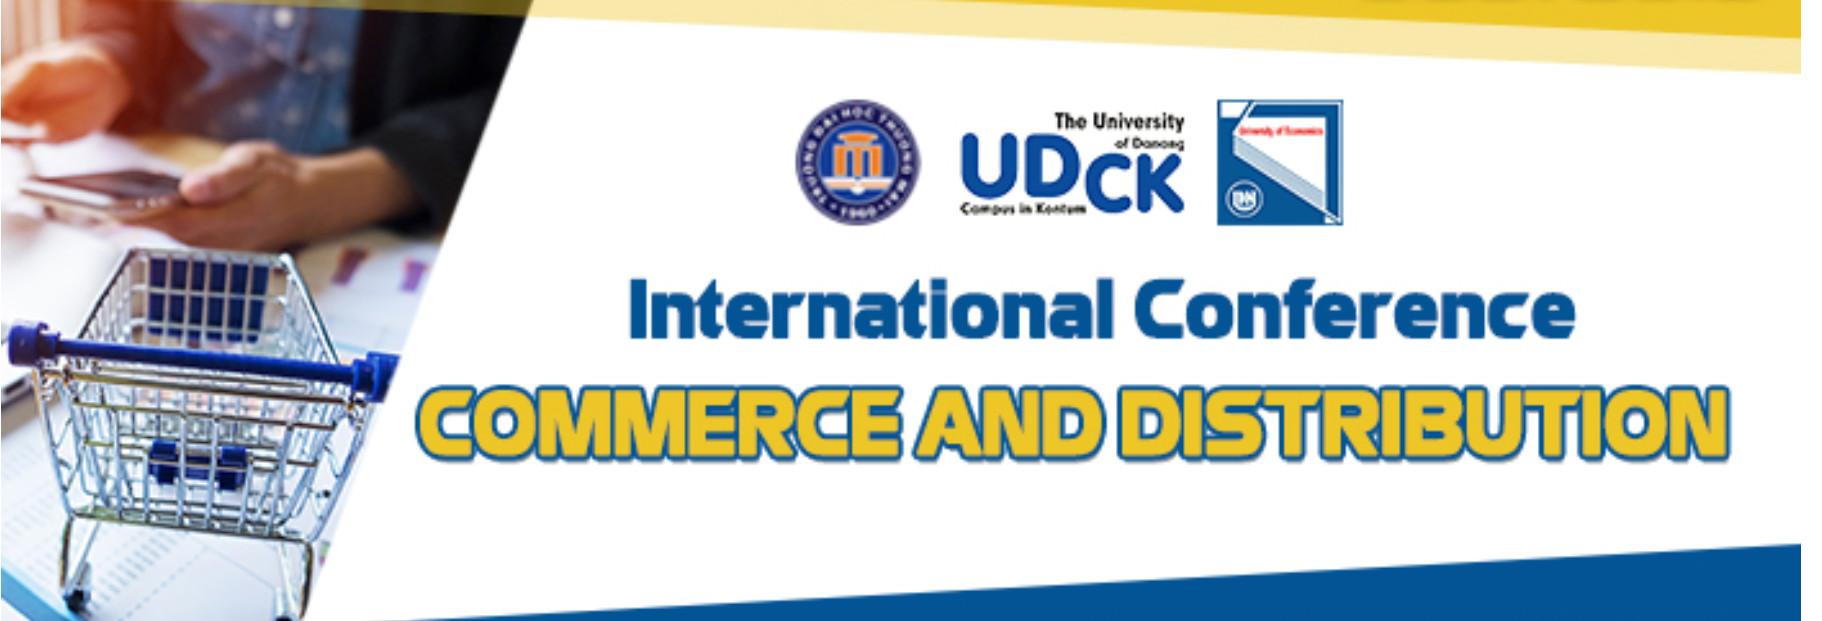 Thư mời viết bài tham dự Hội thảo khoa học quốc tế `Thương mại và phân phối` lần thứ 3 năm 2022 Commerce and Distribution (Codi 2022))